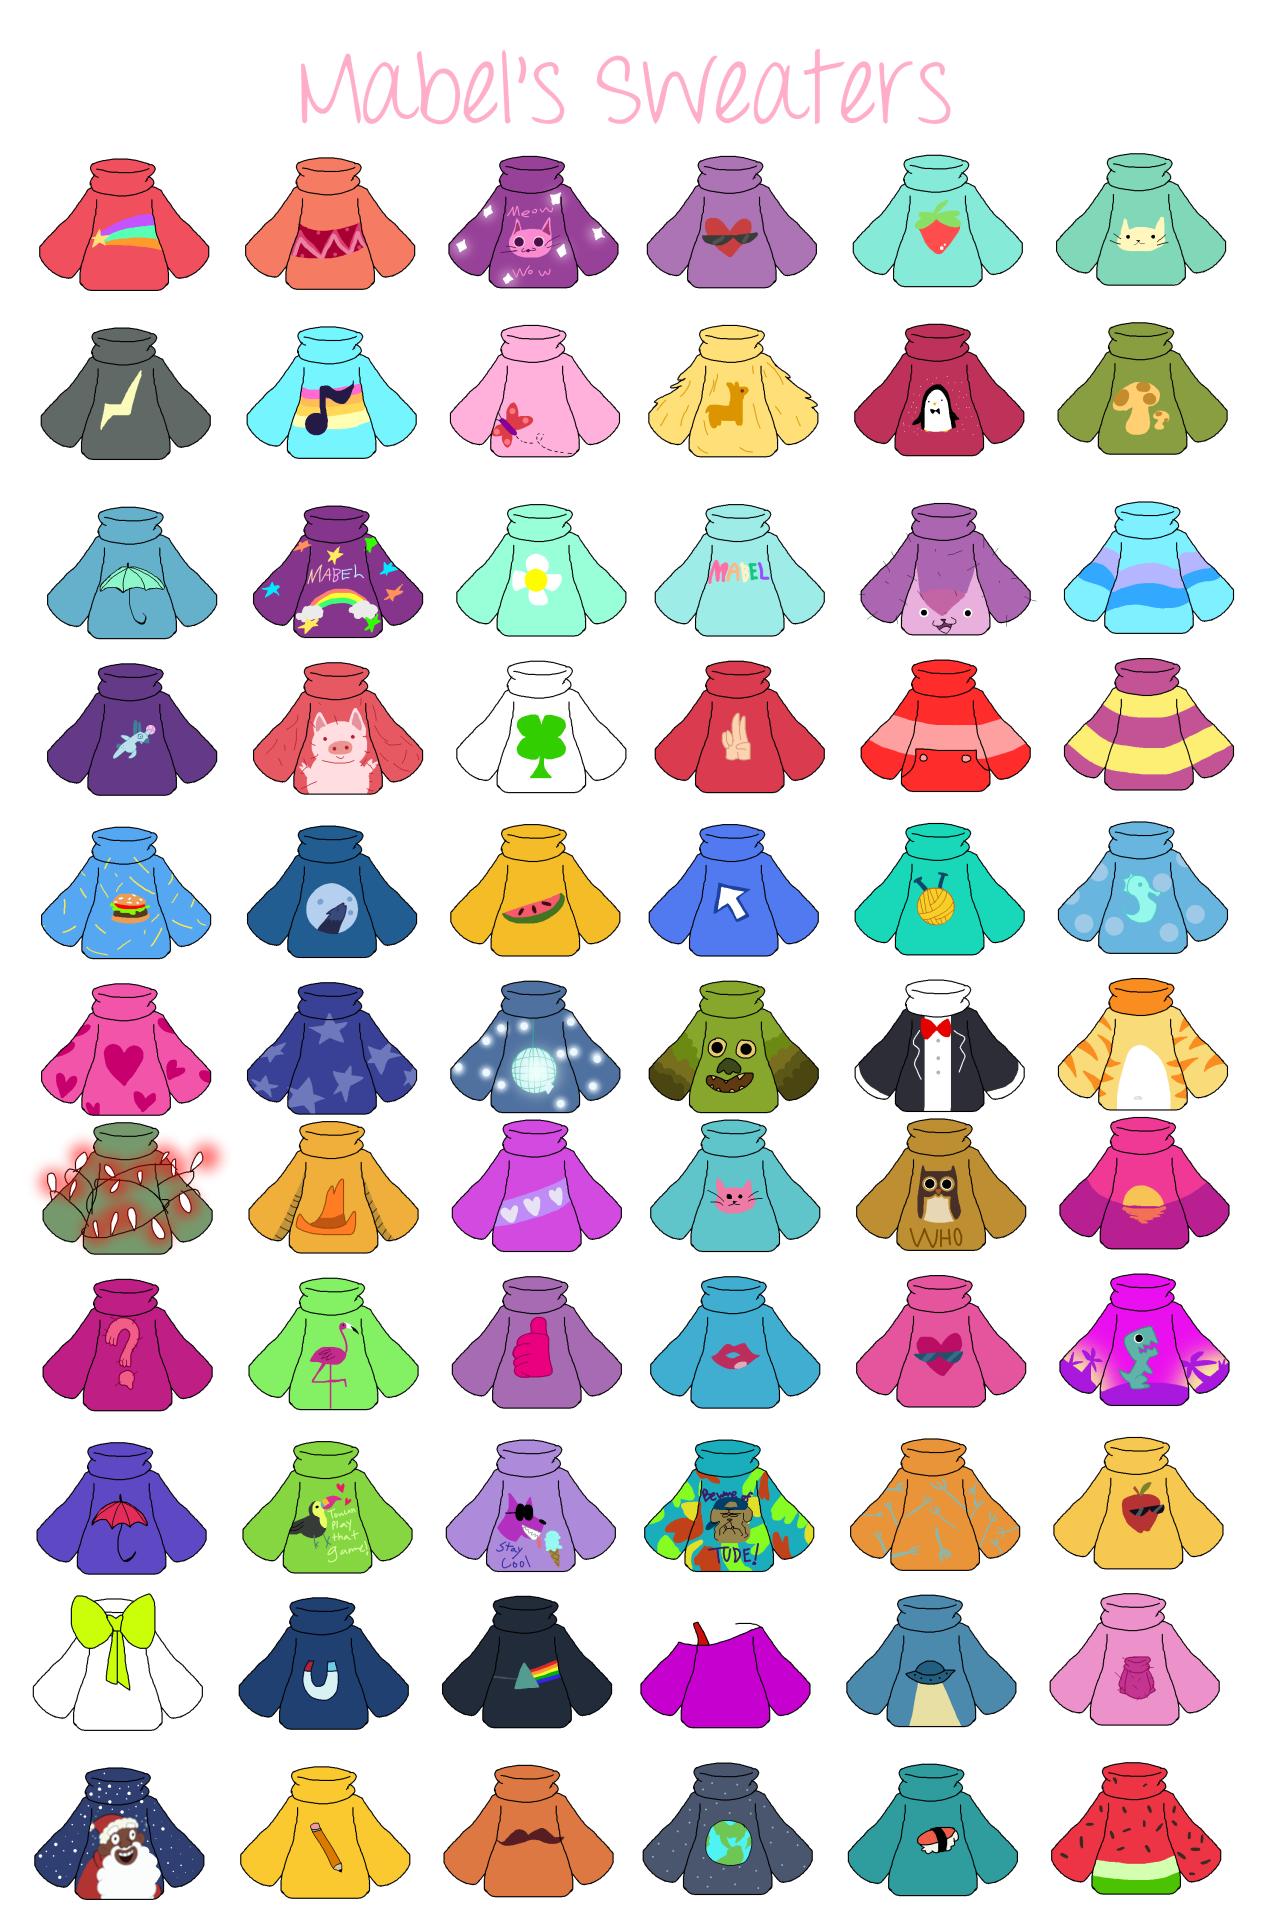 Картинки из гравити фолз - 0a6